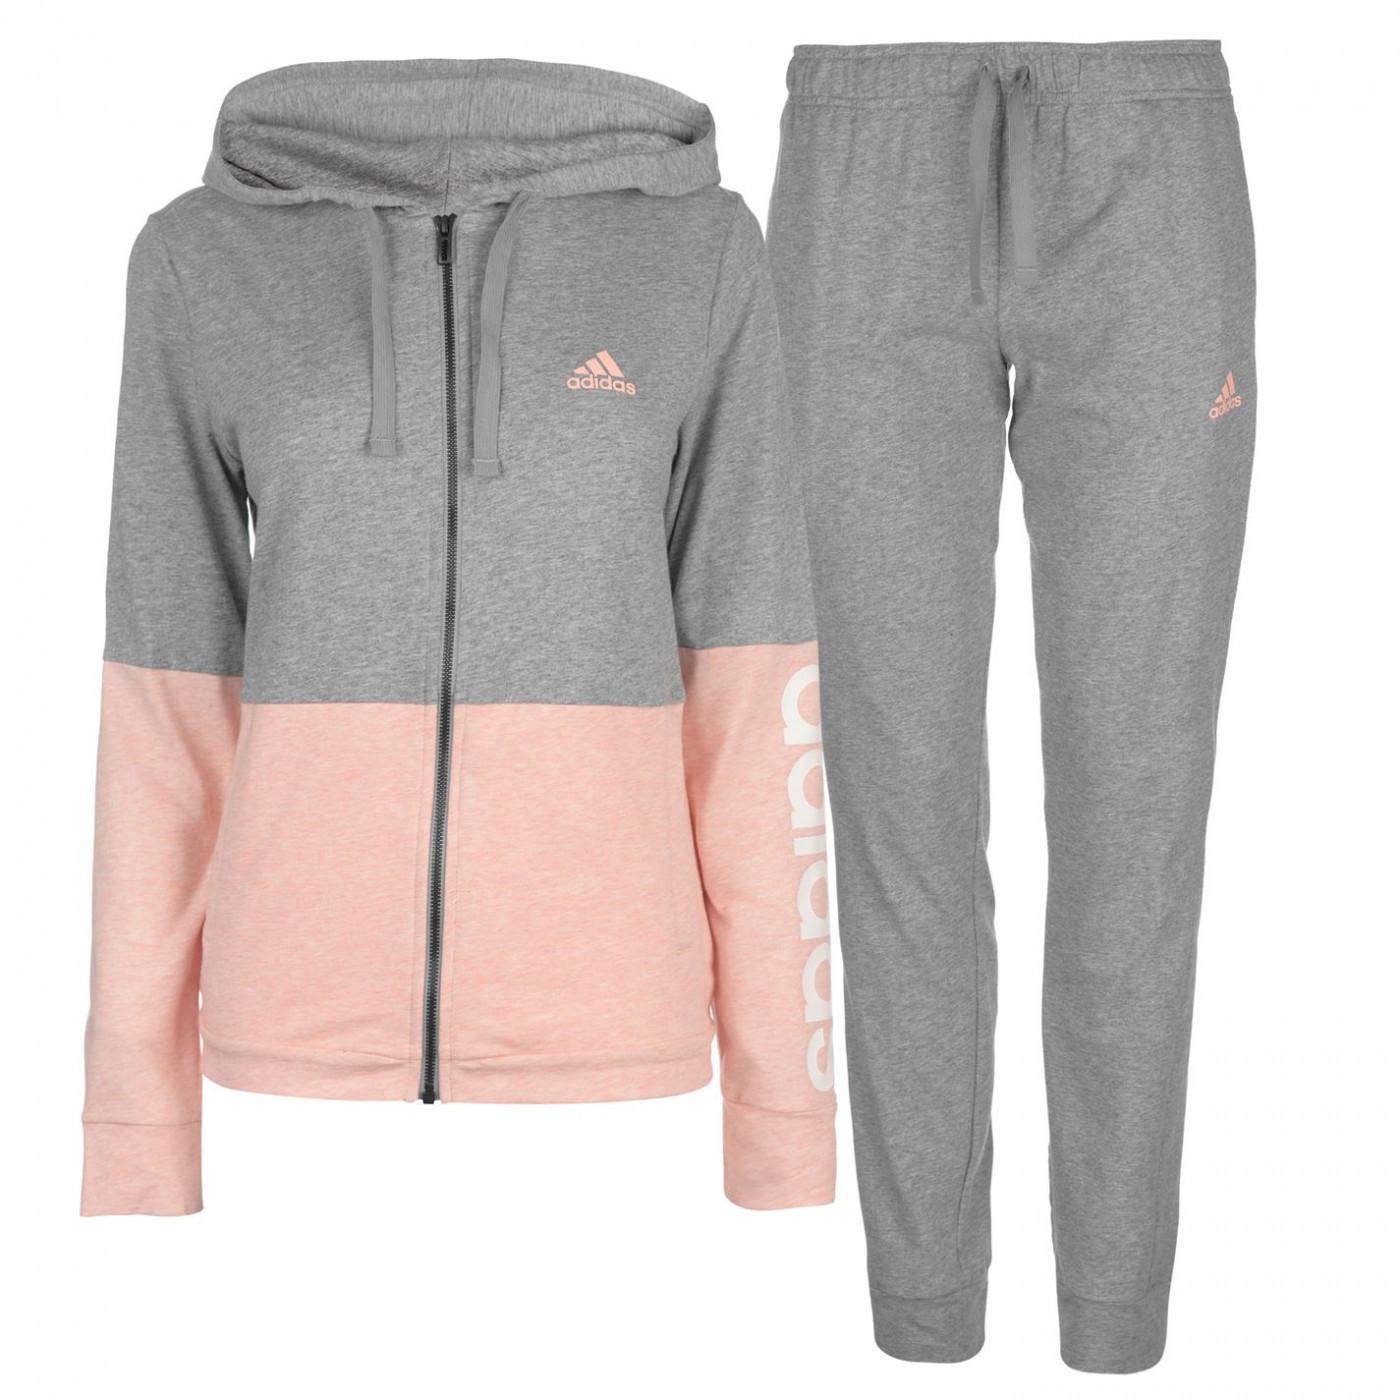 f1ca6006bb5f Adidas Marker Tracksuit Ladies - FACTCOOL